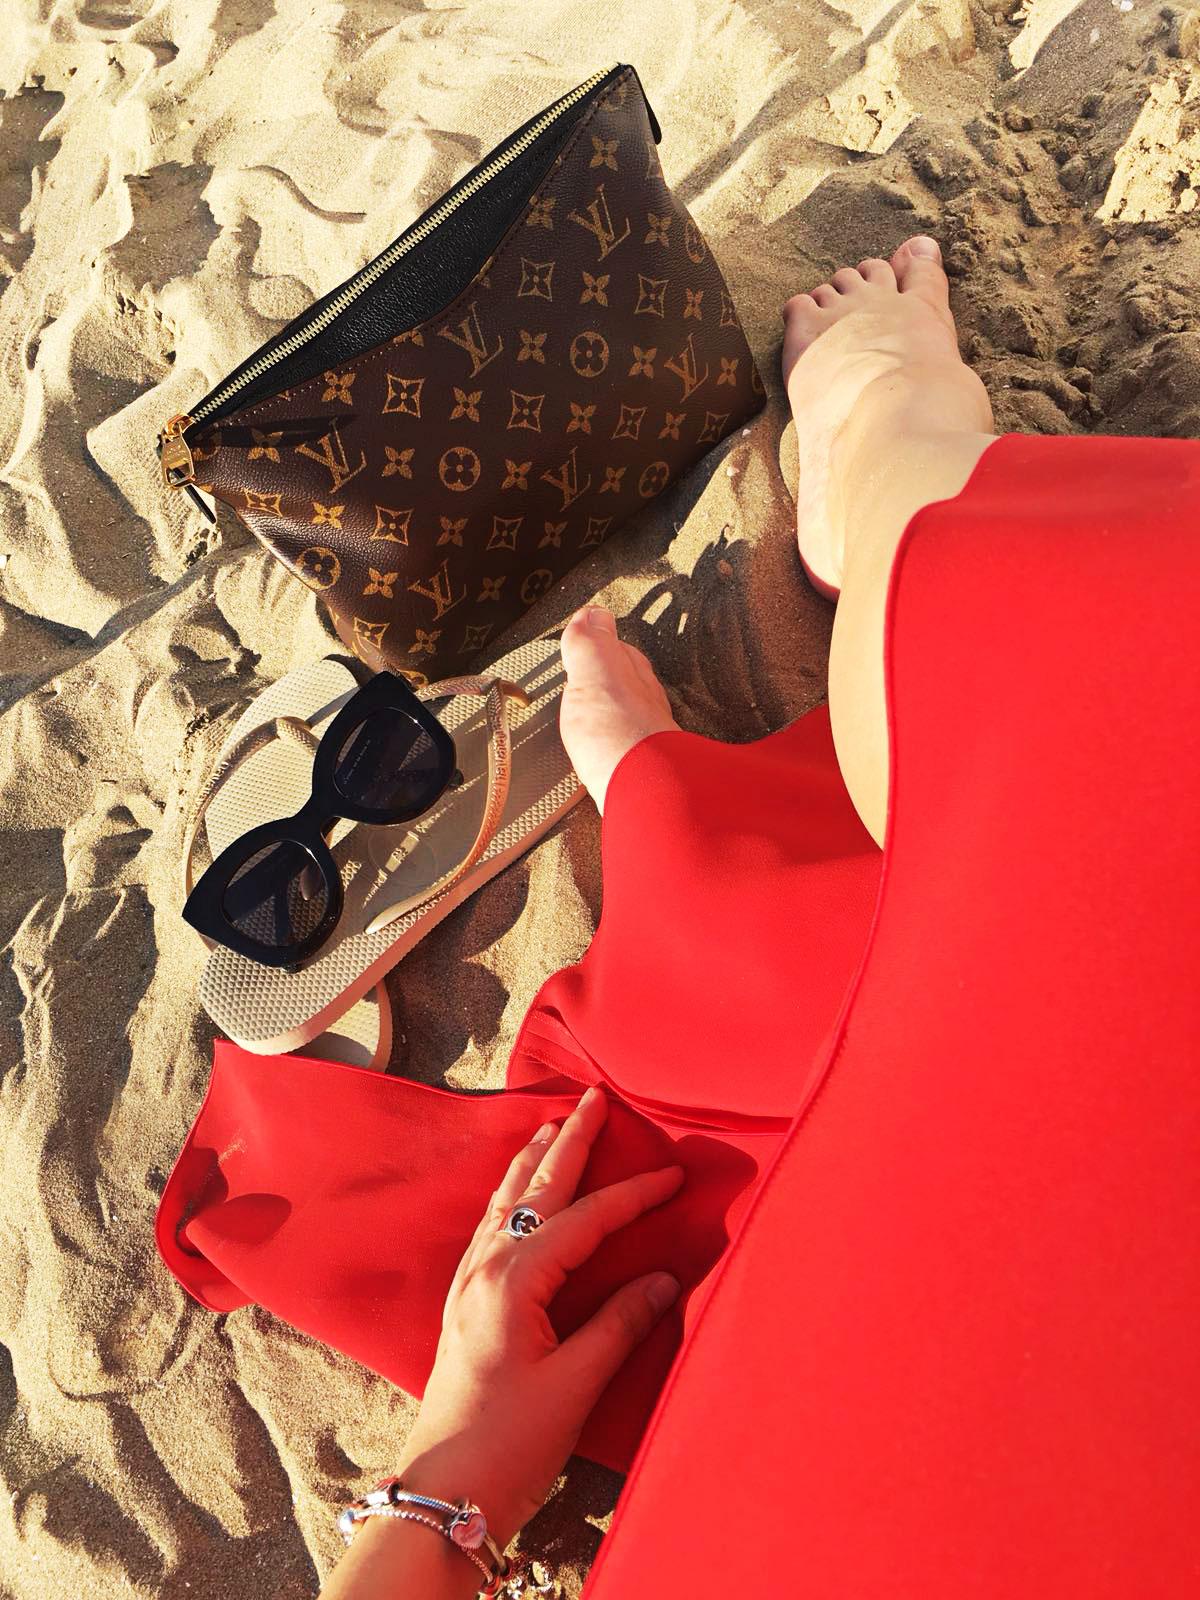 Matrimonio Sulla Spiaggia Outfit : Come vestirsi per un matrimonio al mare outfit spiaggia